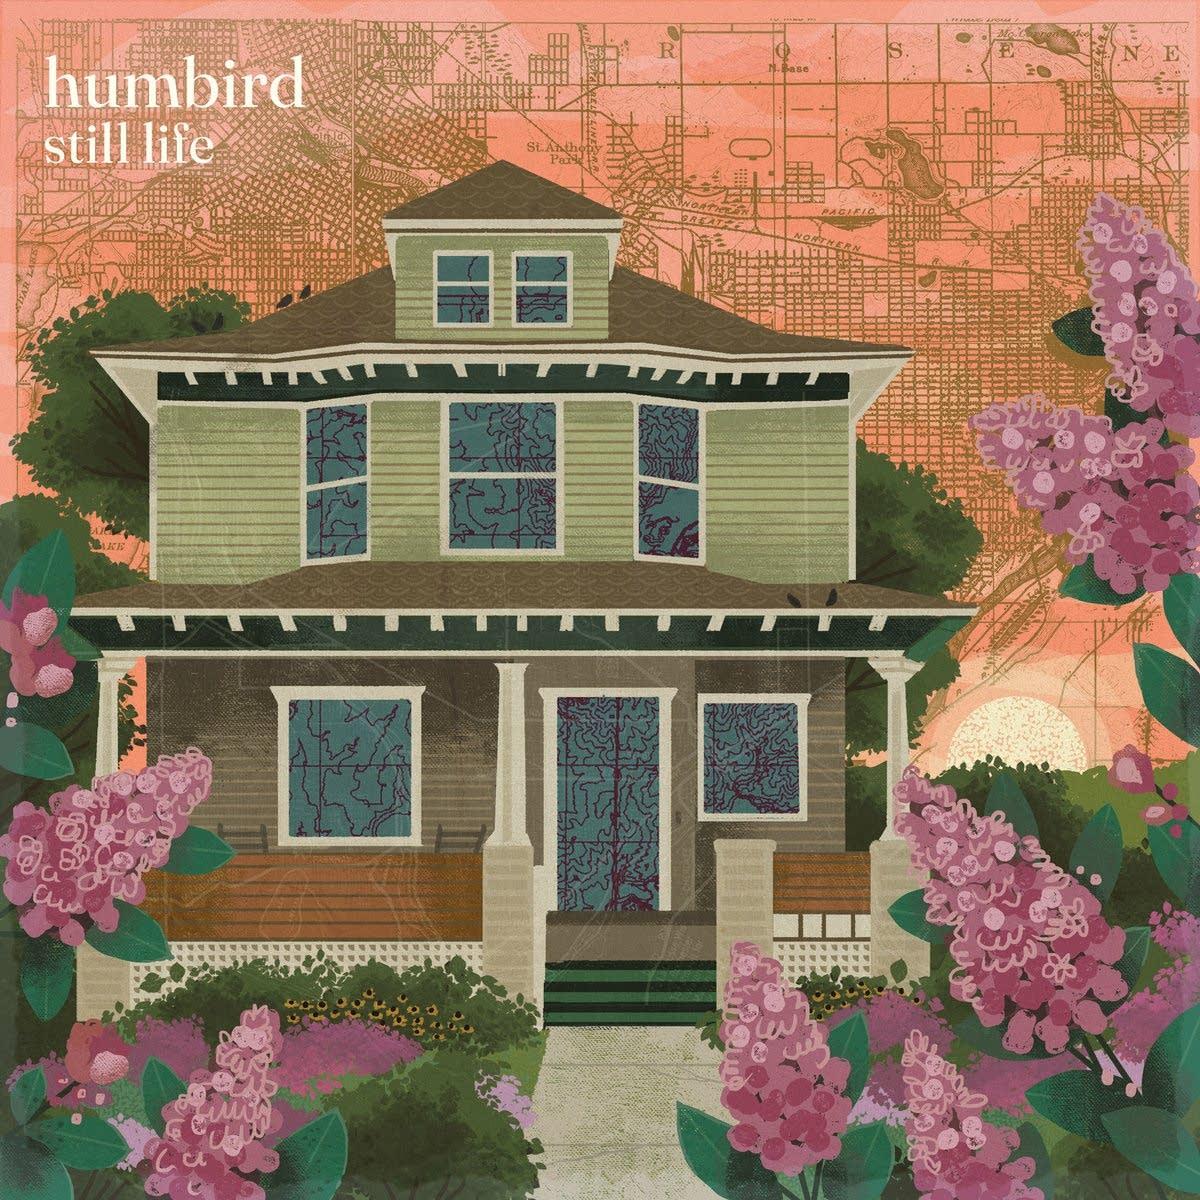 Humbird - Still Life